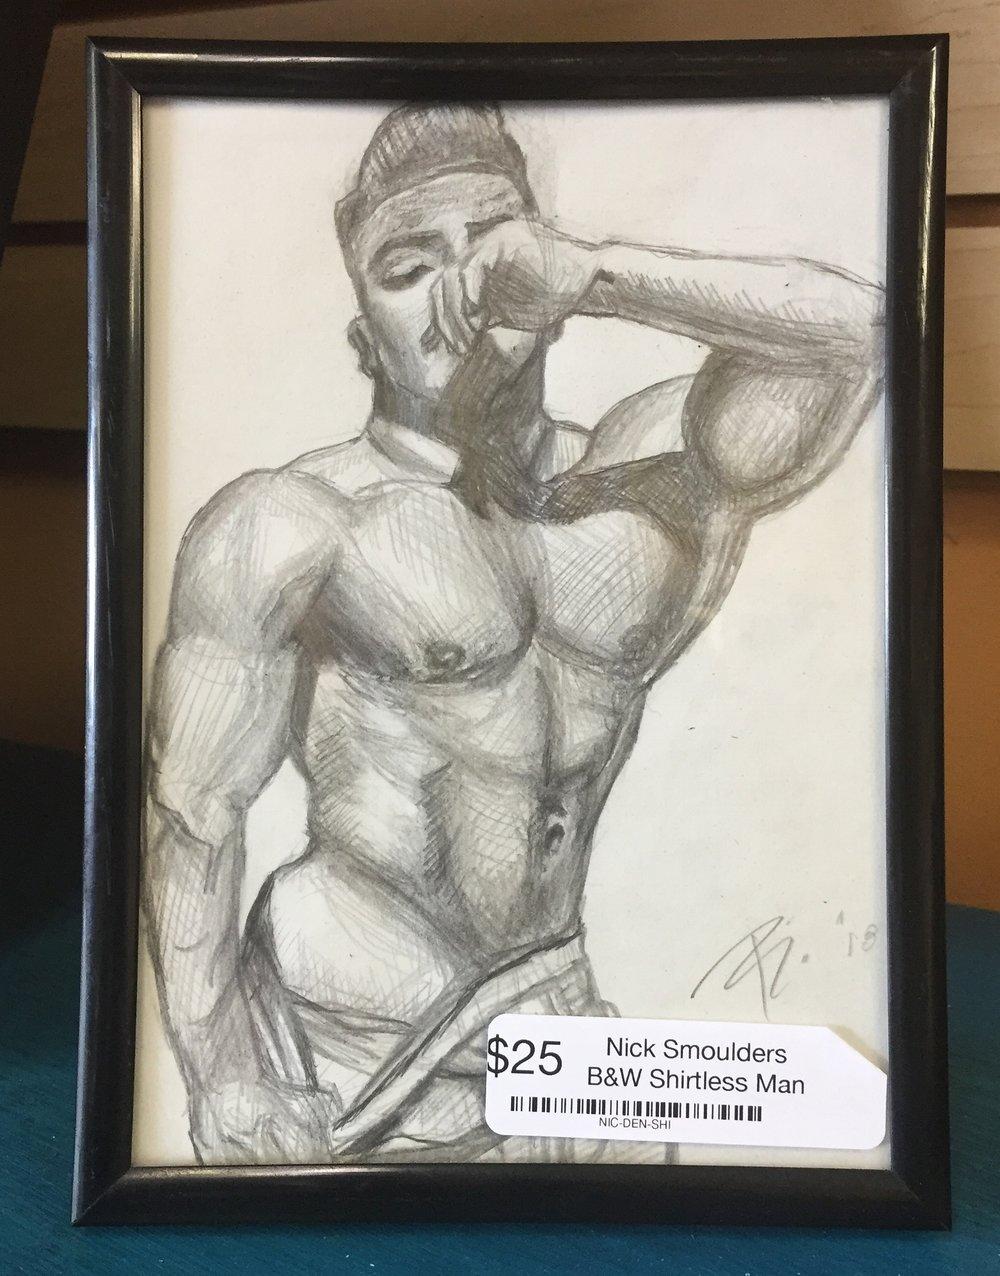 B&W Shirtless Man Sketch